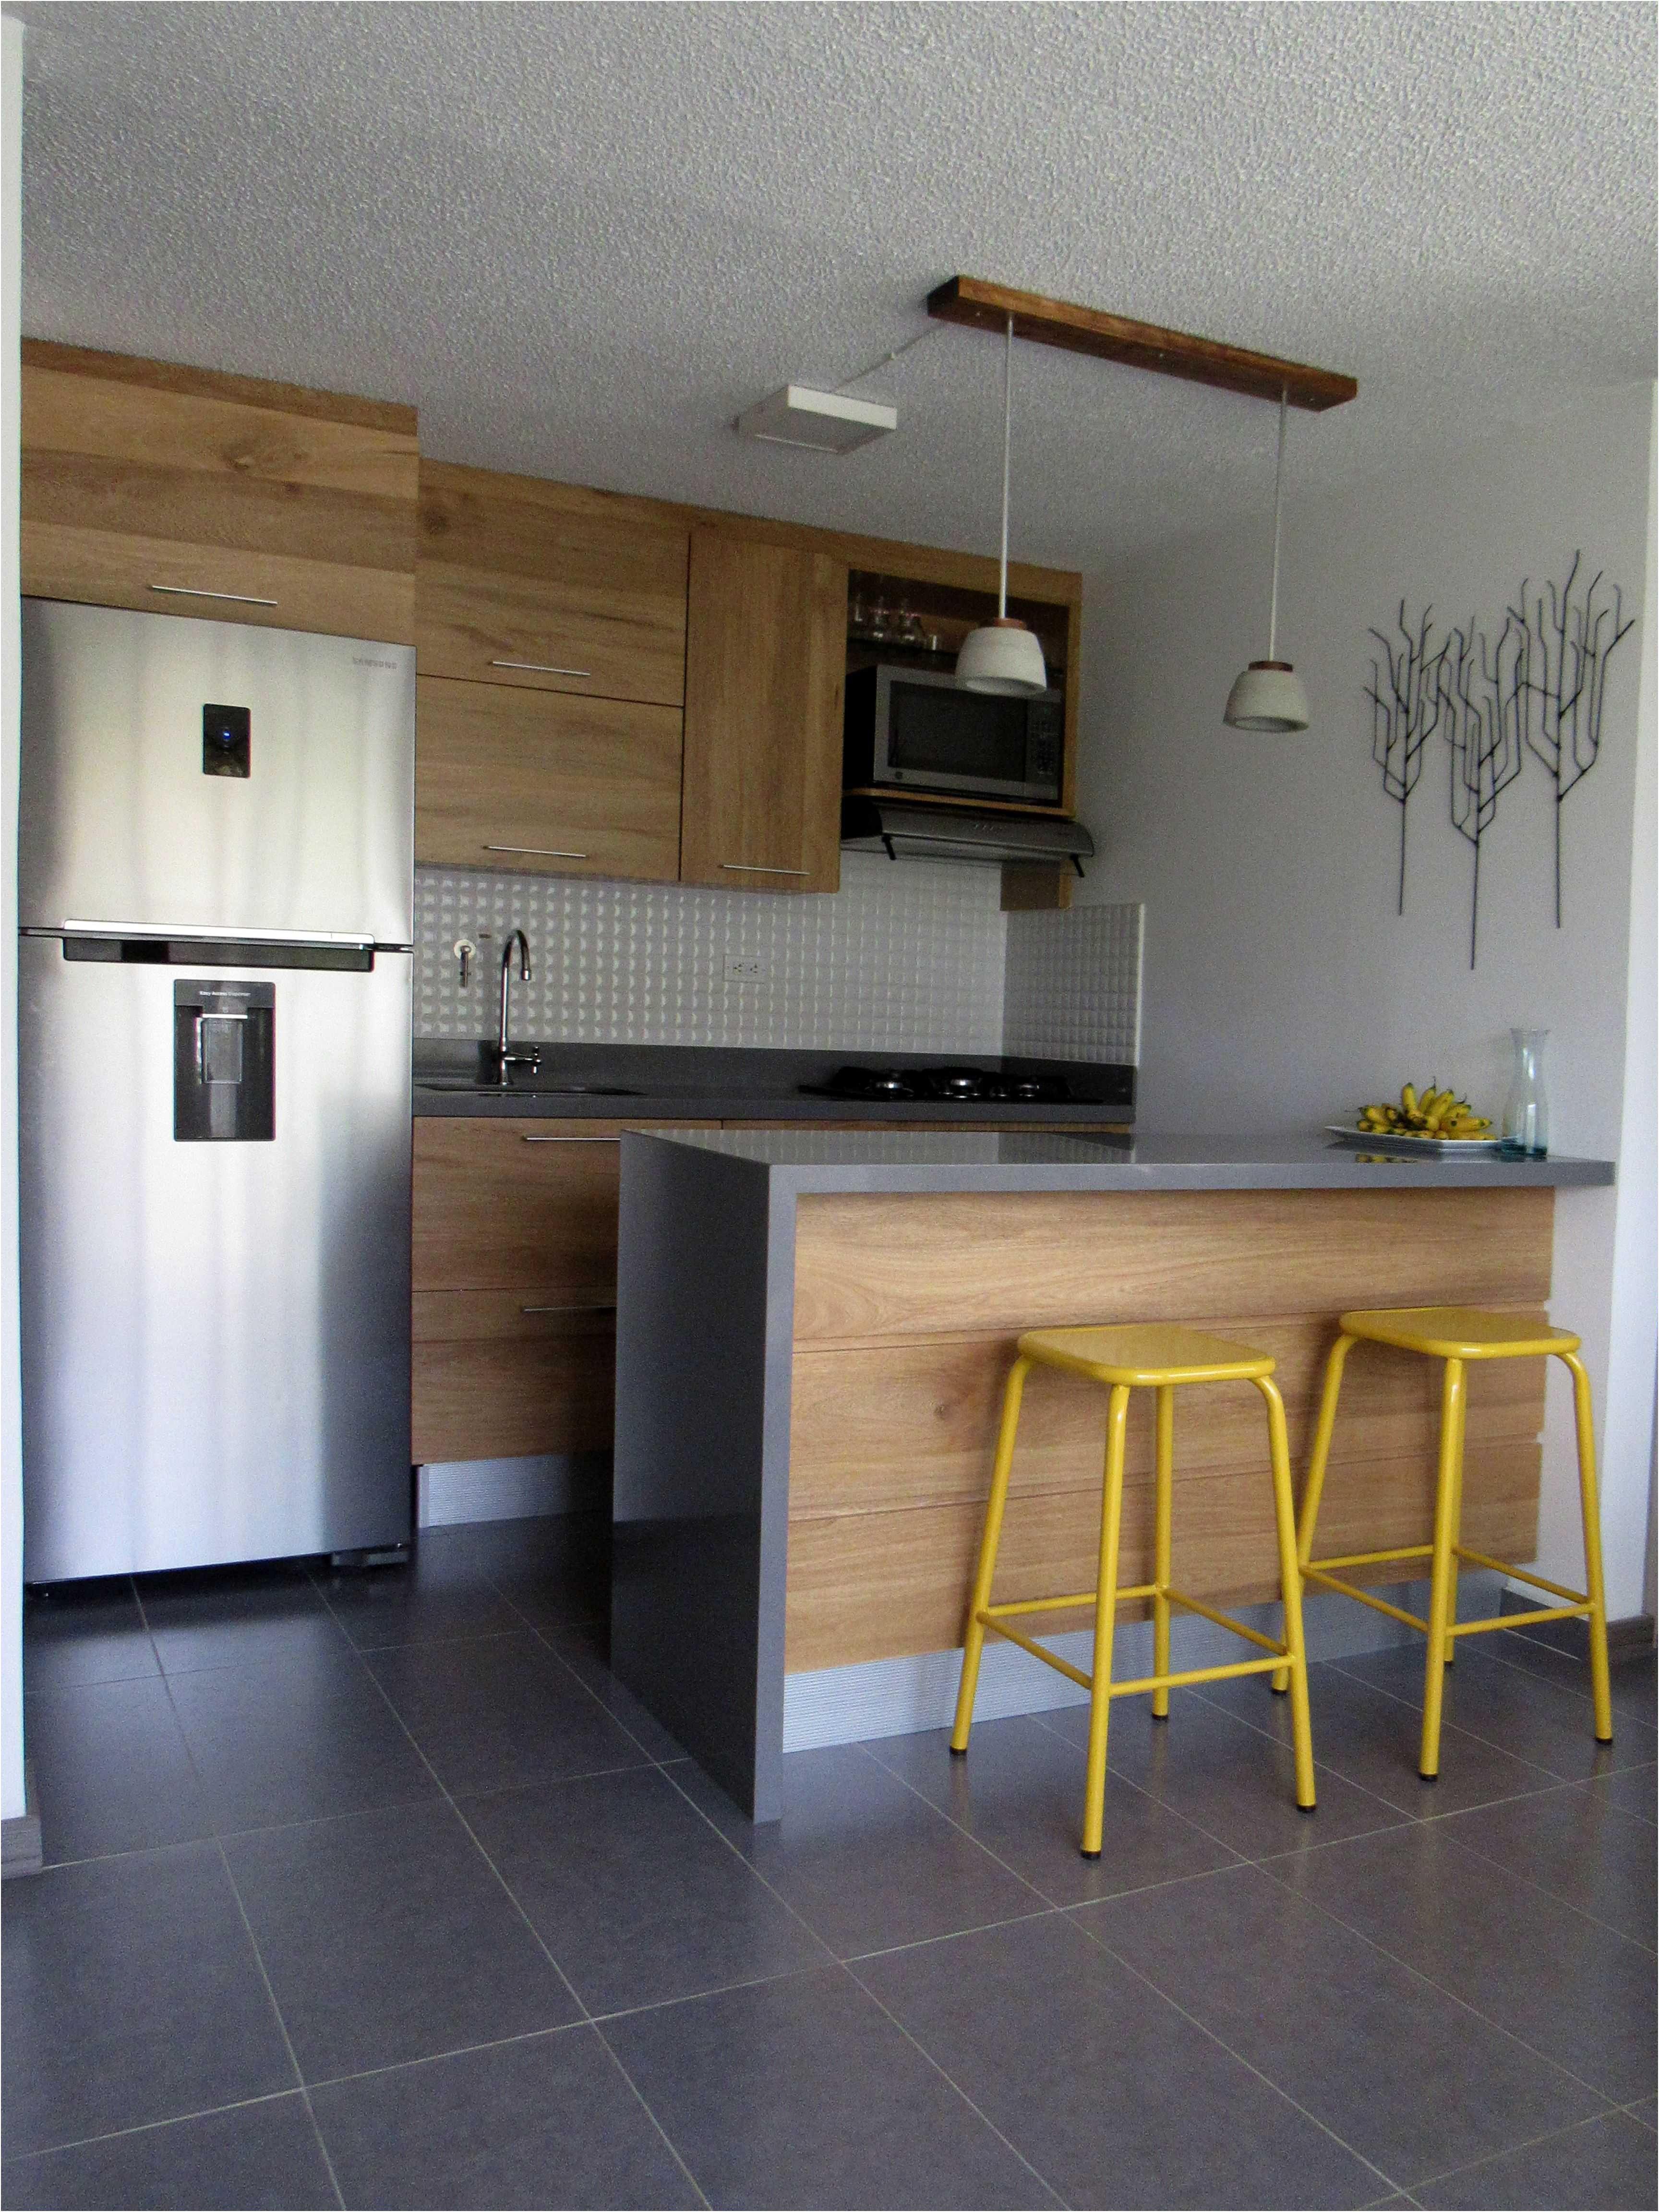 73 Compensación atractiva Muebles Para Cocinas Pequeñas Fotos